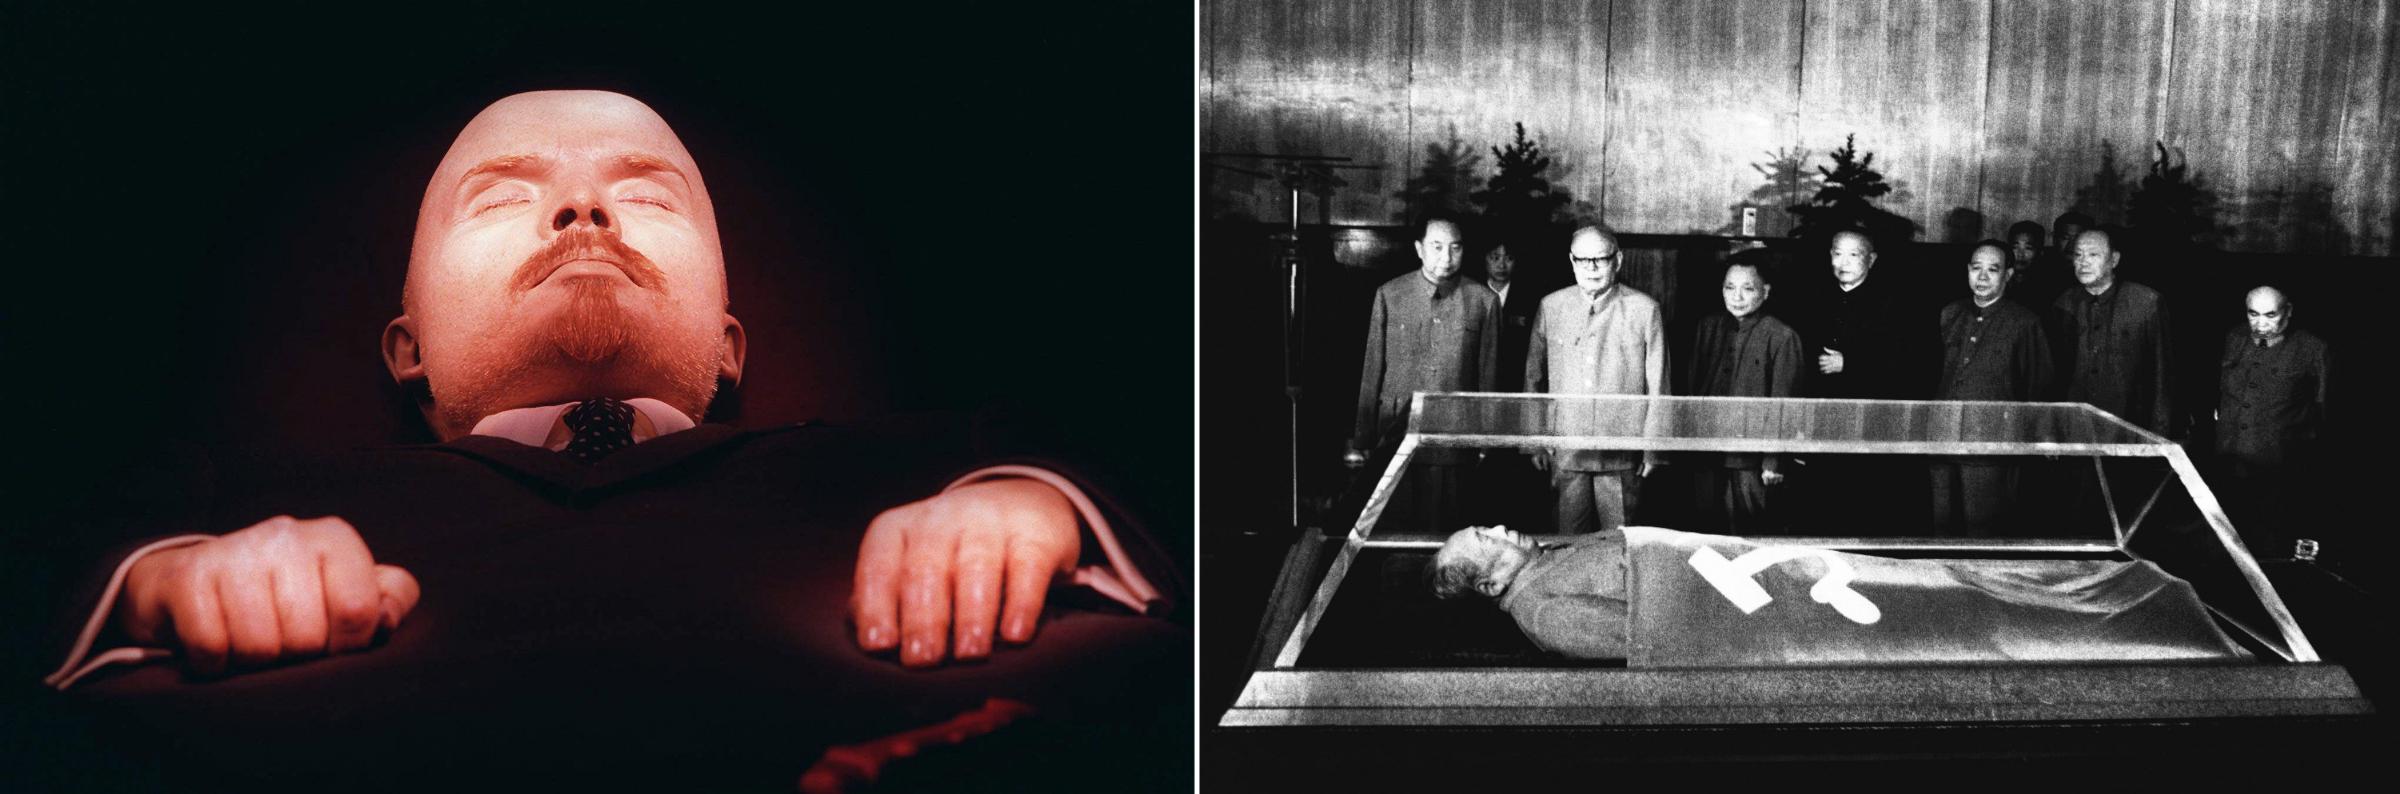 Lenin and Mao